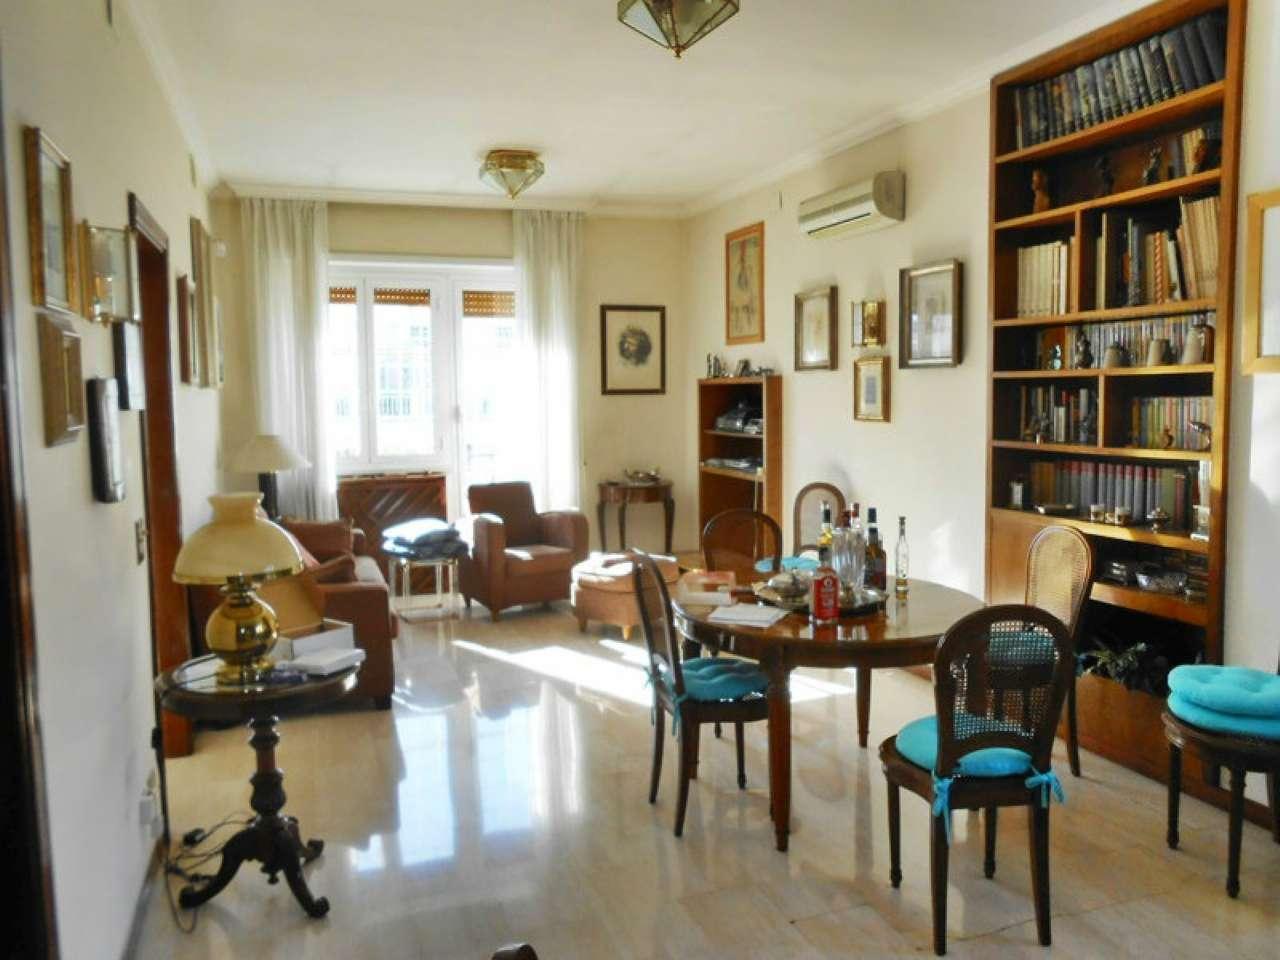 Attico / Mansarda in vendita a Roma, 6 locali, zona Zona: 24 . Gianicolense - Colli Portuensi - Monteverde, prezzo € 730.000 | Cambio Casa.it